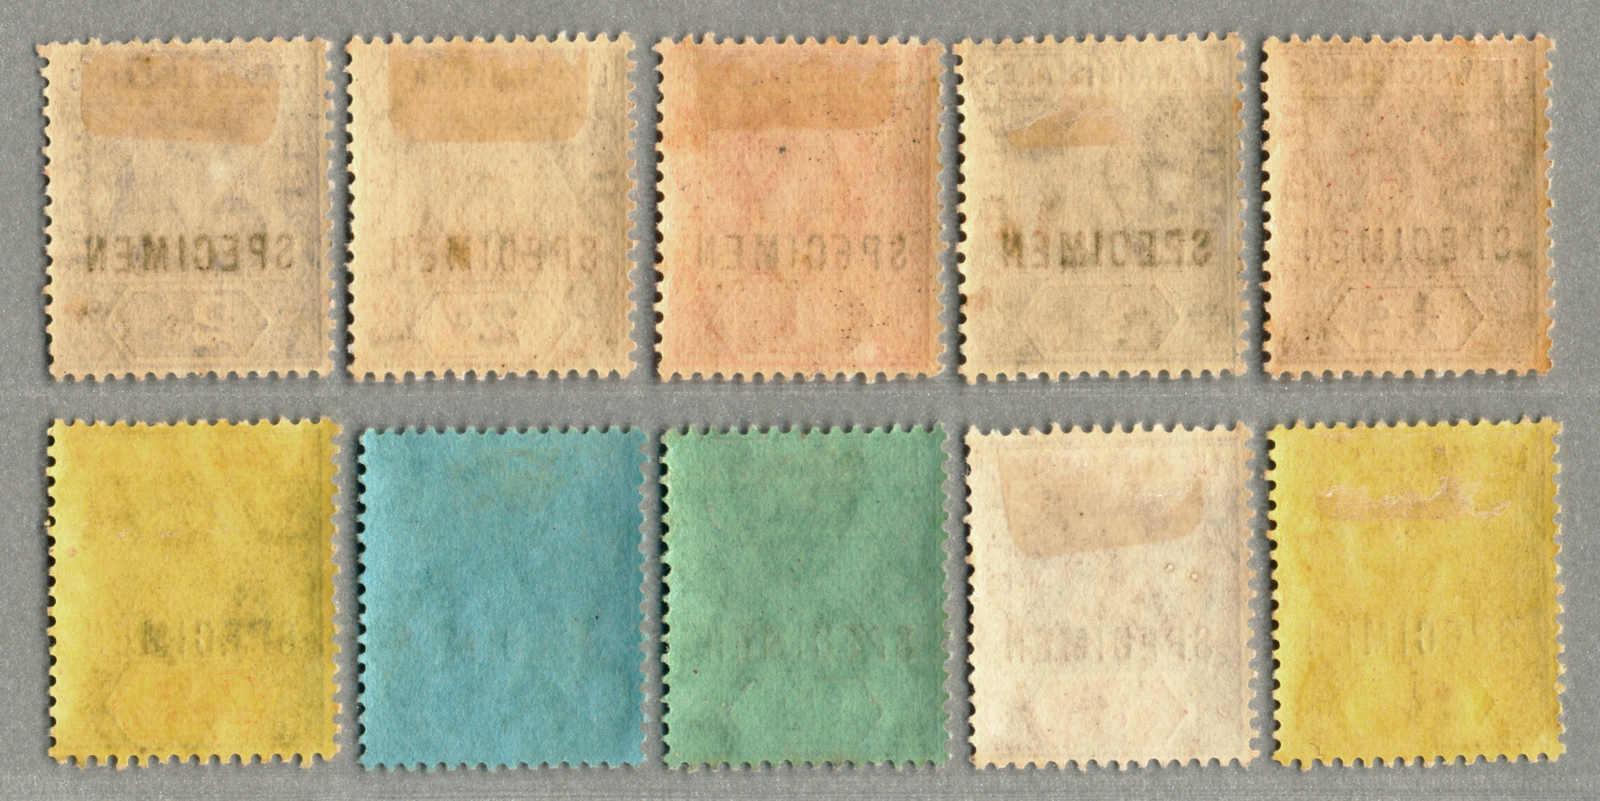 Lot 20763 - leeward islands  -  classicphil GmbH 5'th classicphil Auction - VIENNA- AUSTRIA